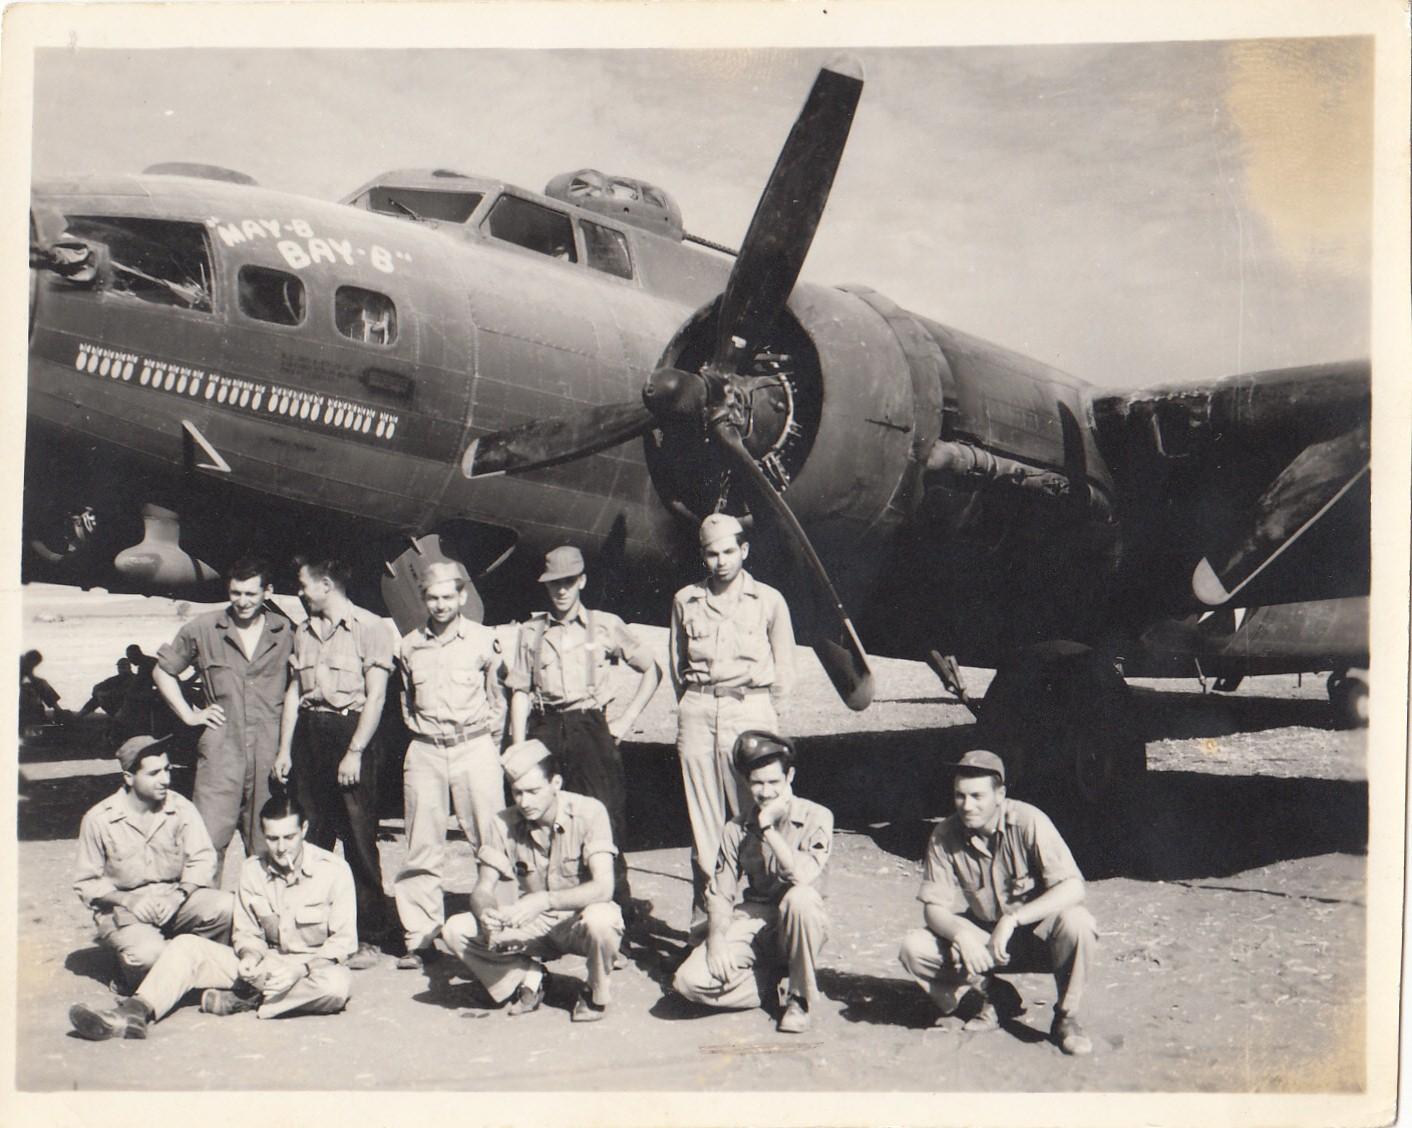 B-17 #42-5870 / May-B Bay-B